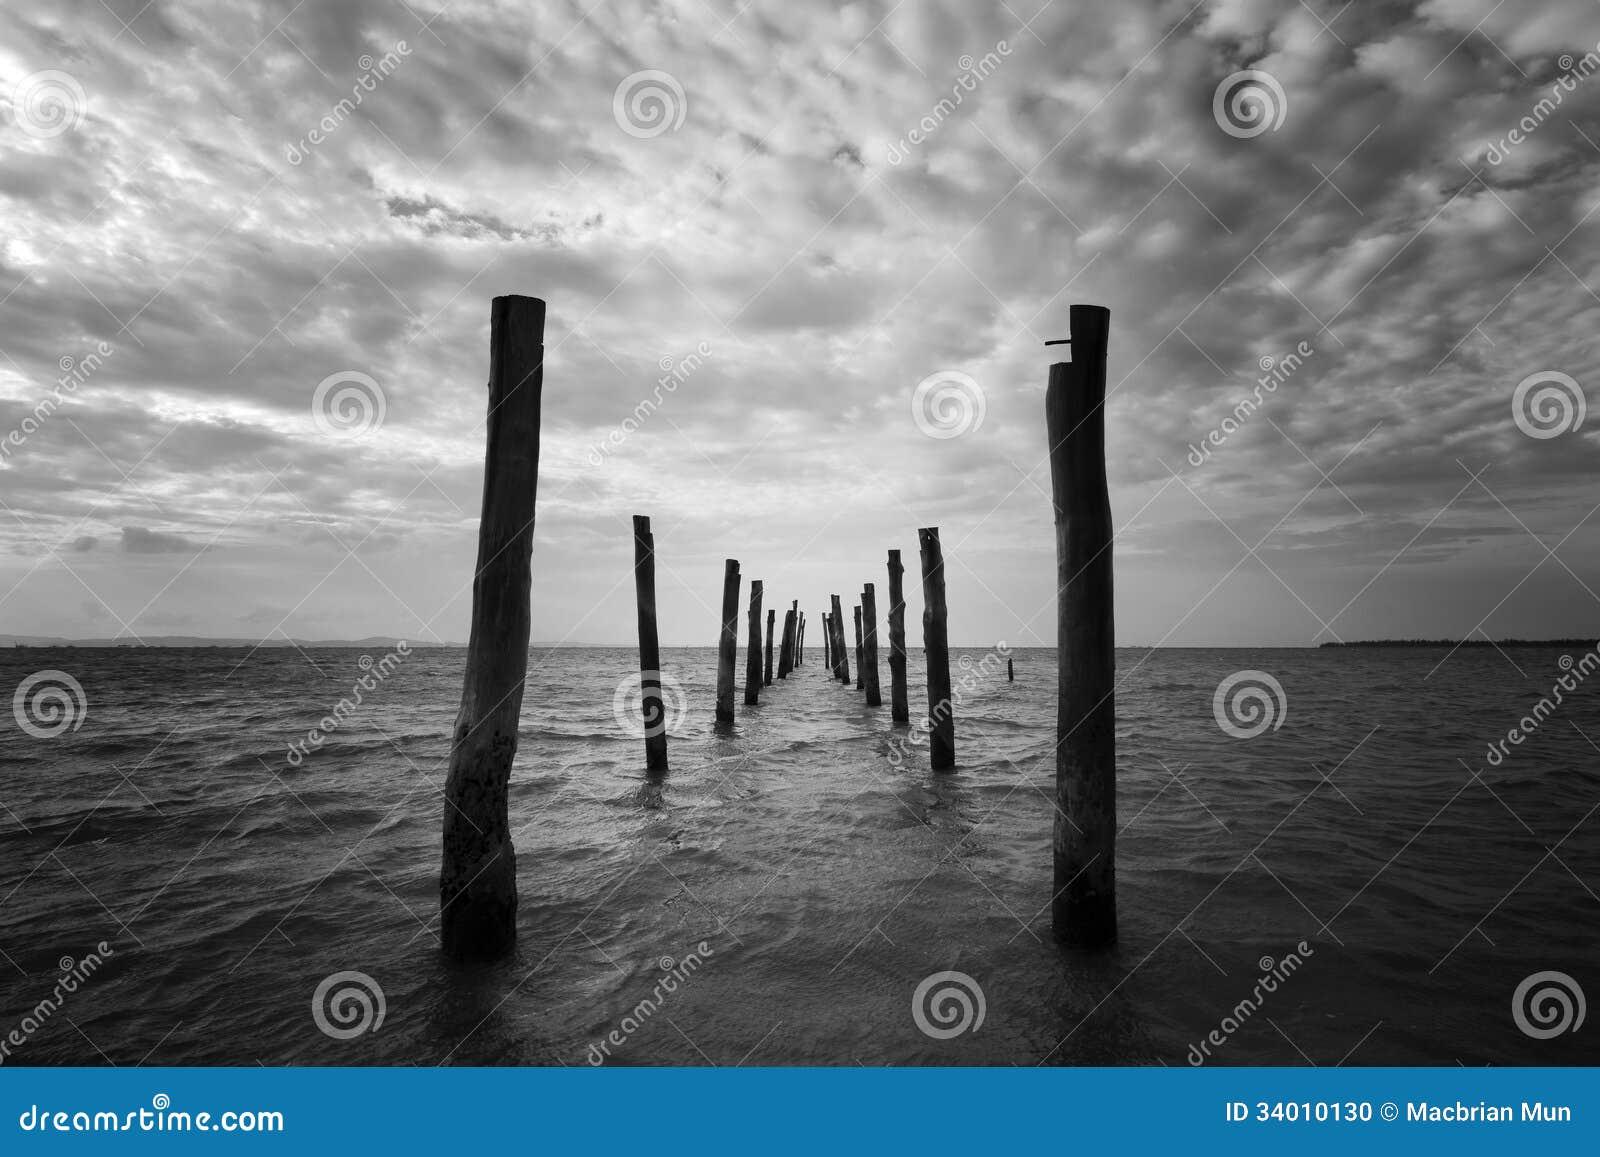 paysage marin noir et blanc avec les piliers en bois photo. Black Bedroom Furniture Sets. Home Design Ideas